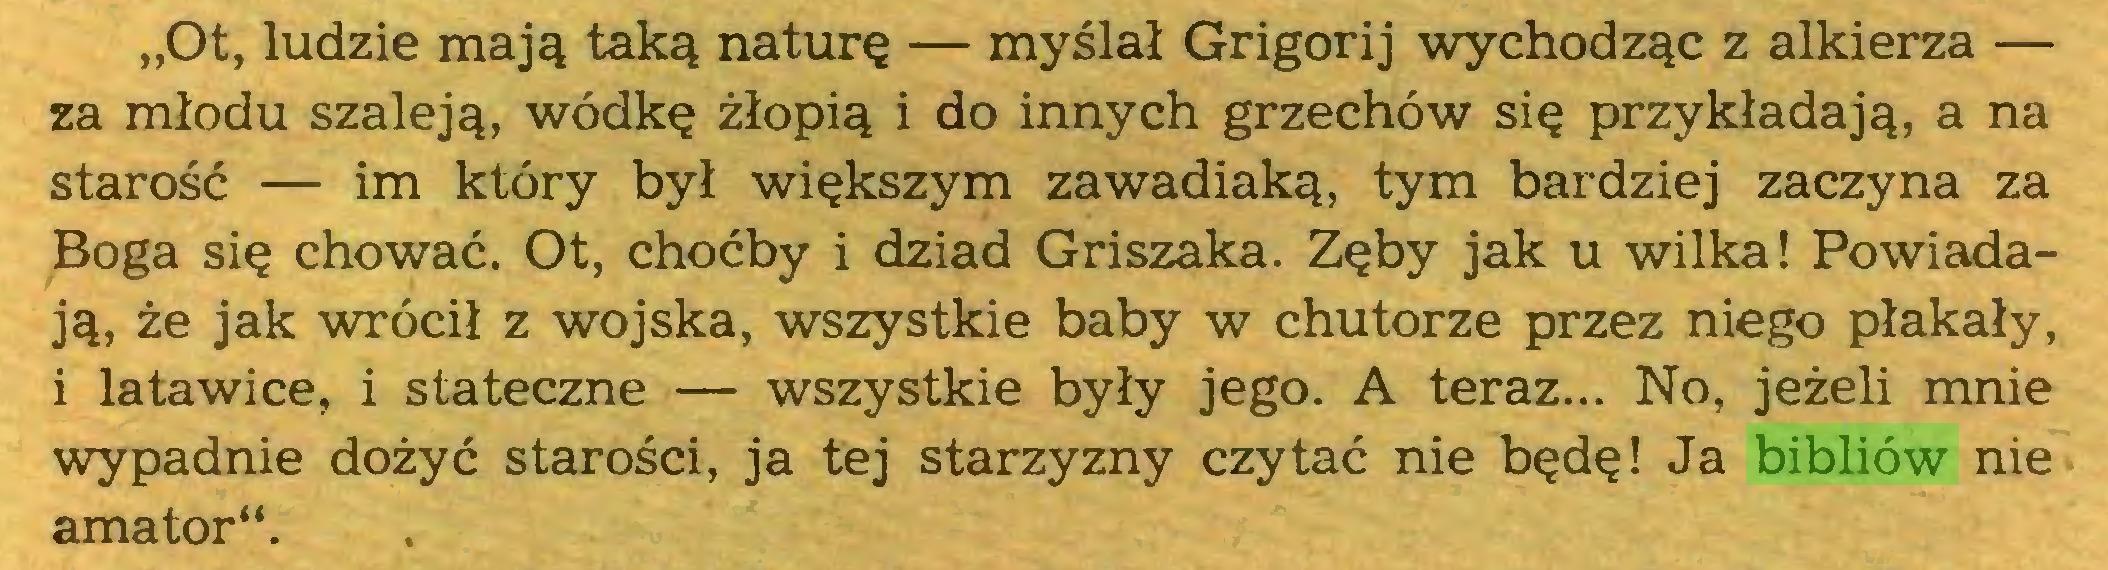 """(...) """"Ot, ludzie mają taką naturę — myślał Grigorij wychodząc z alkierza — za młodu szaleją, wódkę żłopią i do innych grzechów się przykładają, a na starość — im który był większym zawadiaką, tym bardziej zaczyna za Boga się chować. Ot, choćby i dziad Griszaka. Zęby jak u wilka! Powiadają, że jak wrócił z wojska, wszystkie baby w chutorze przez niego płakały, i latawice, i stateczne — wszystkie były jego. A teraz... No, jeżeli mnie wypadnie dożyć starości, ja tej starzyzny czytać nie będę! Ja bibliów nie amator""""..."""